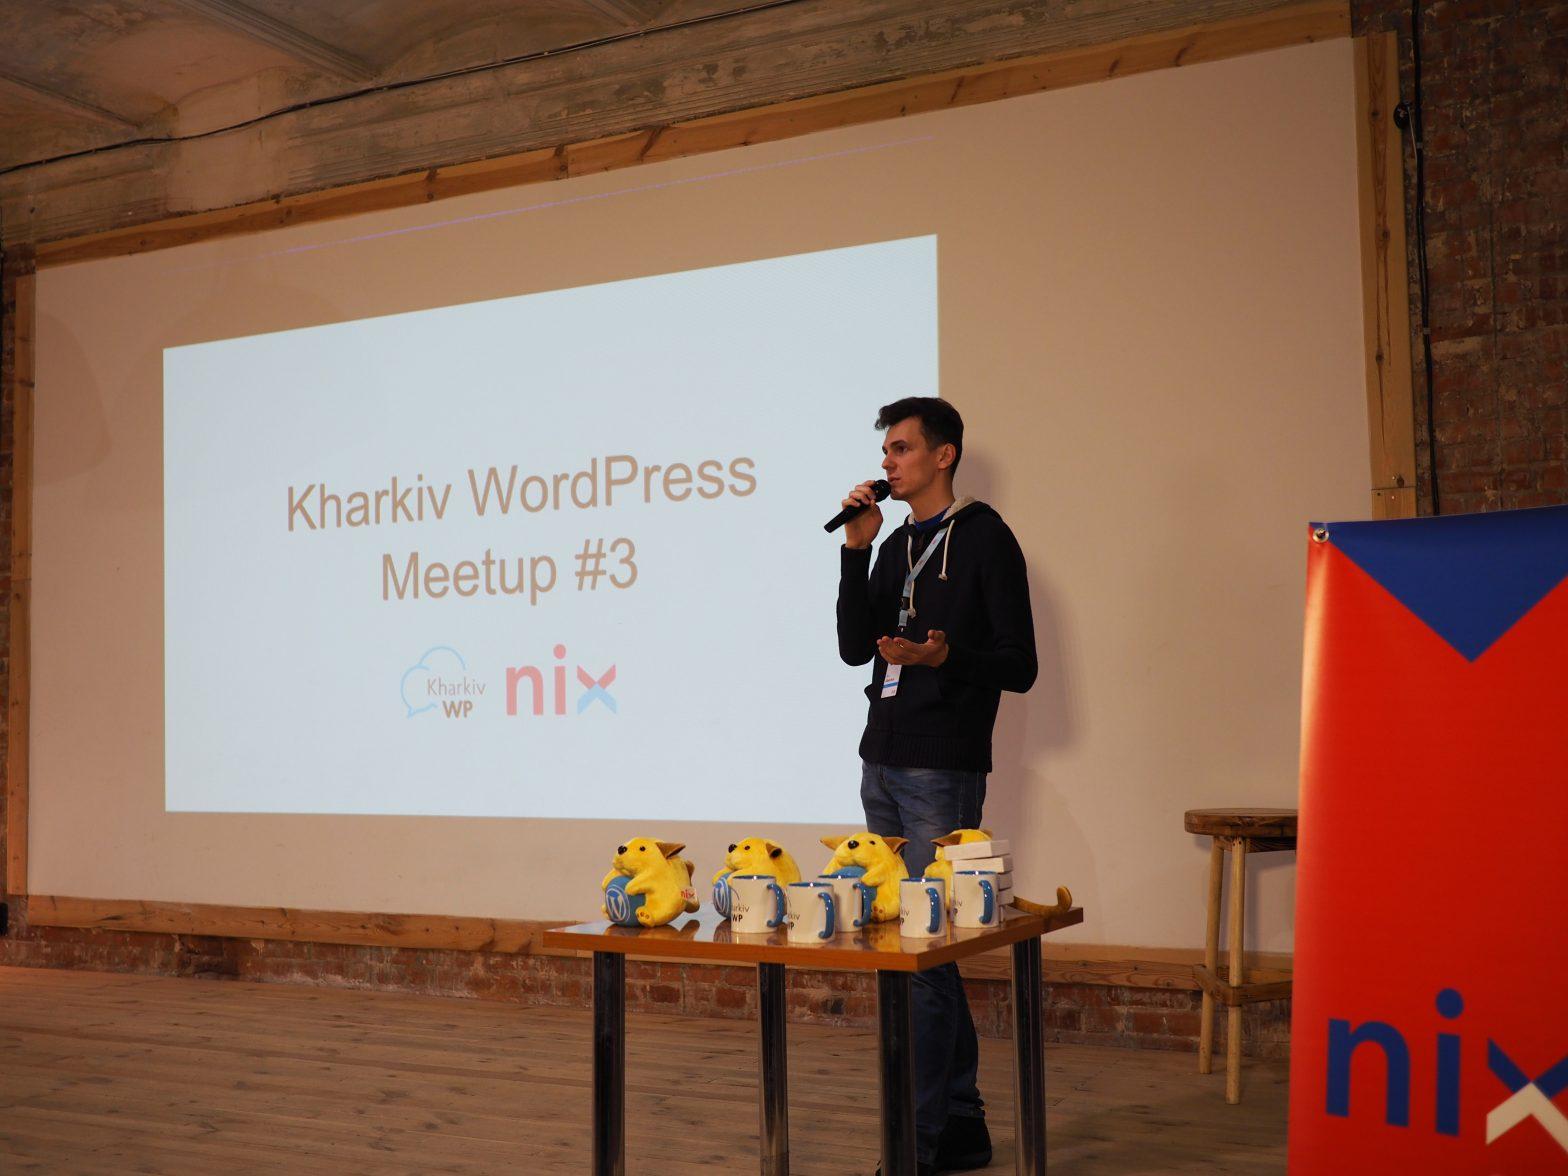 Kharkiv WordPress Meetup #3